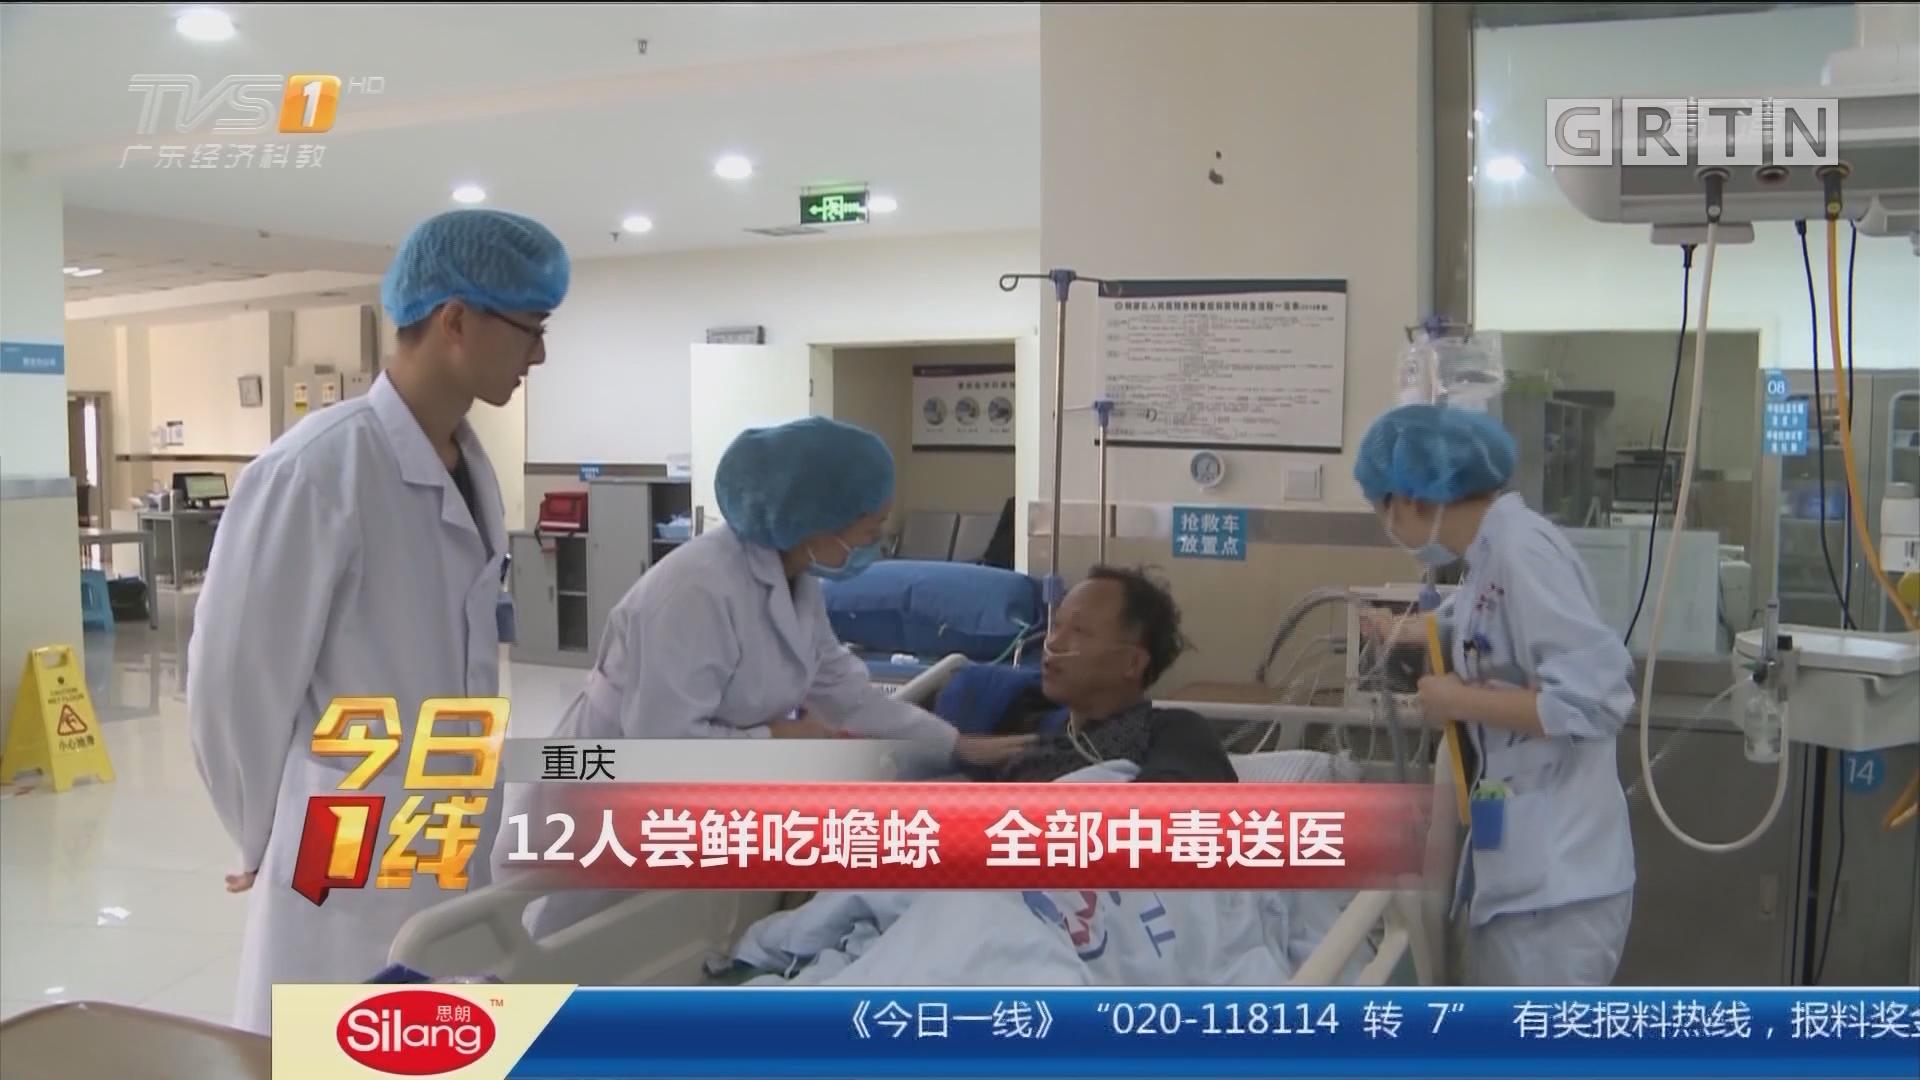 重庆:12人尝鲜吃蟾蜍 全部中毒送医